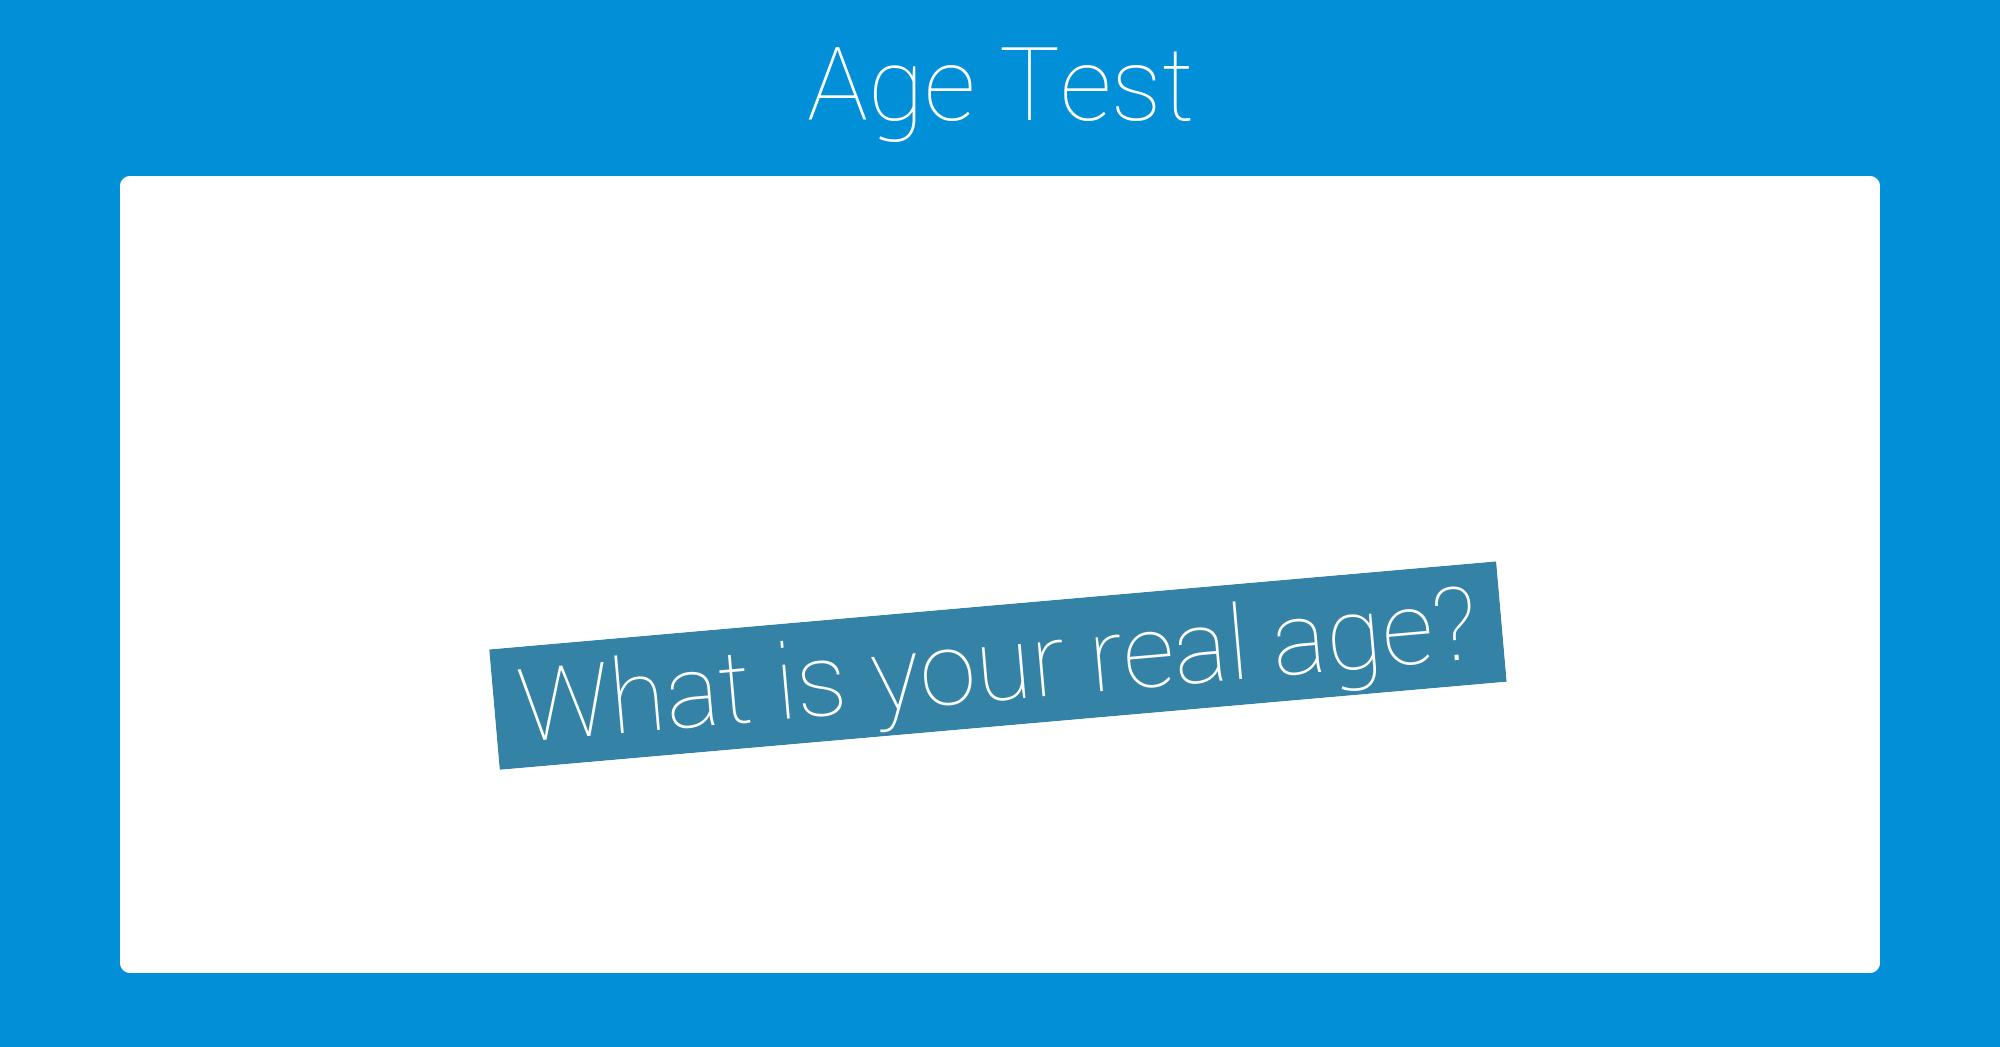 Ella reccomend Mature age test